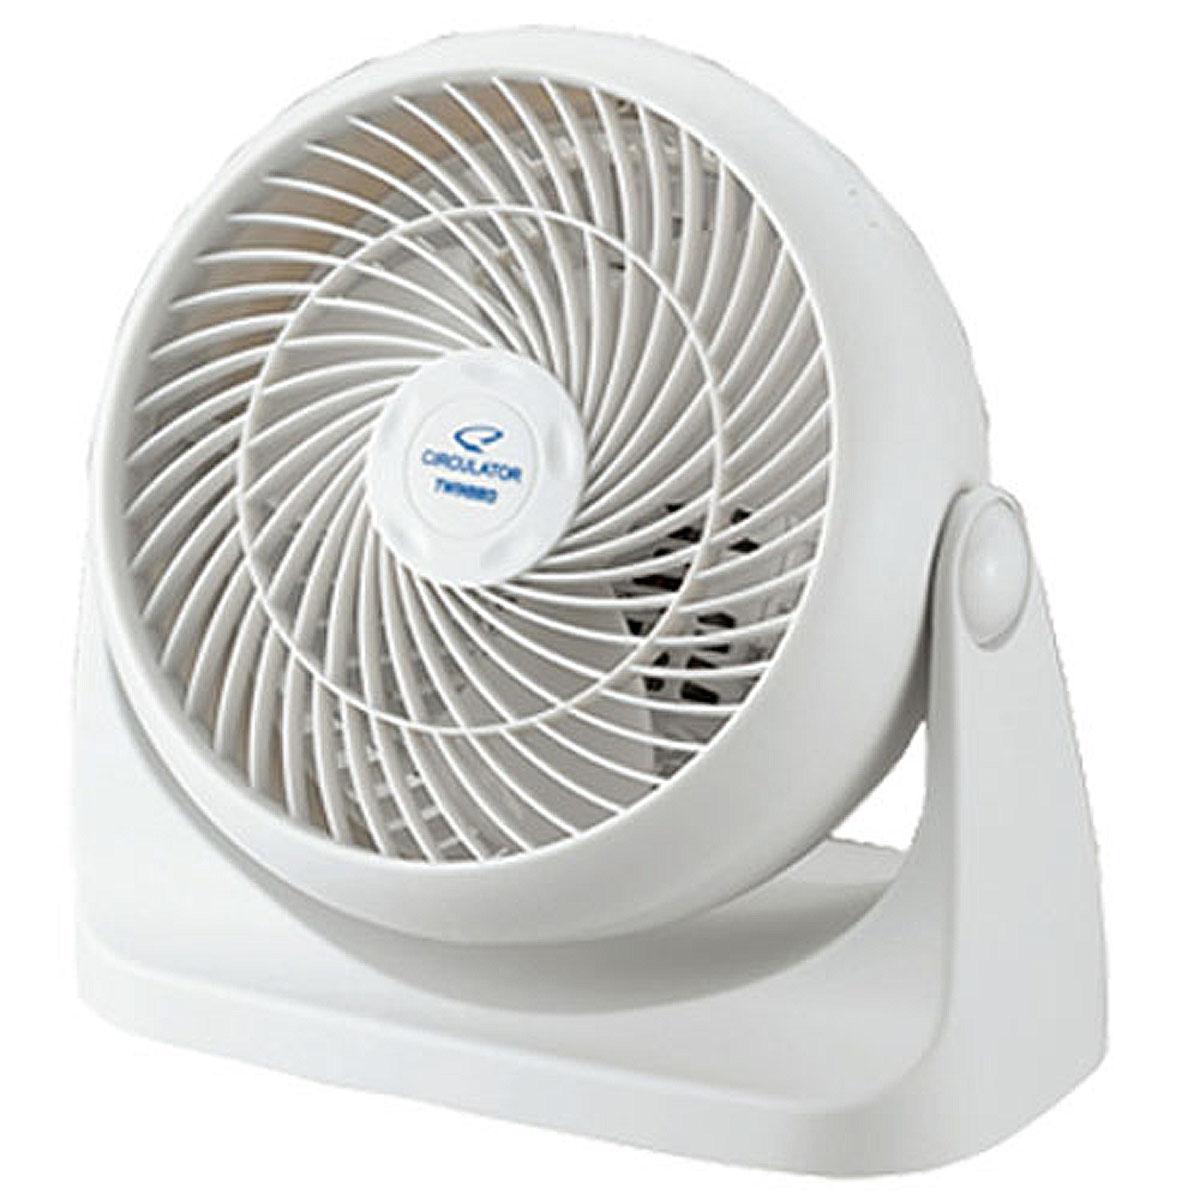 ツインバード工業 扇風機 サーキュレーター KJ-D994W